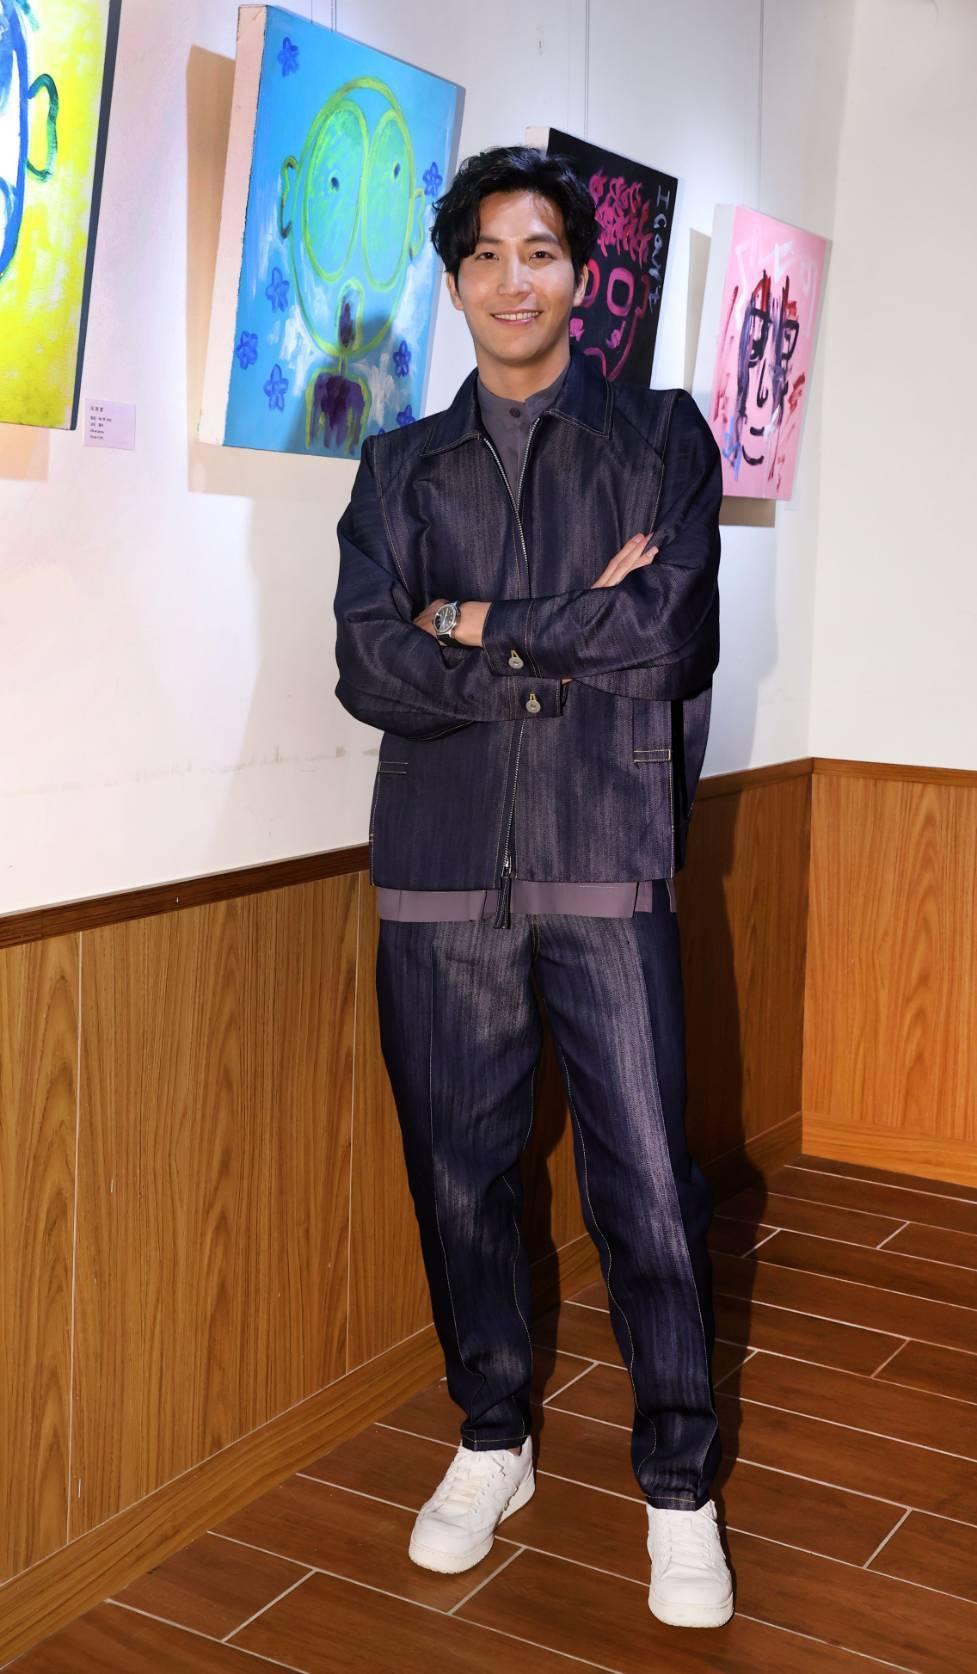 吳翔震首度舉行個人畫展「光合作用 X 吳翔震」。圖/經紀人提供